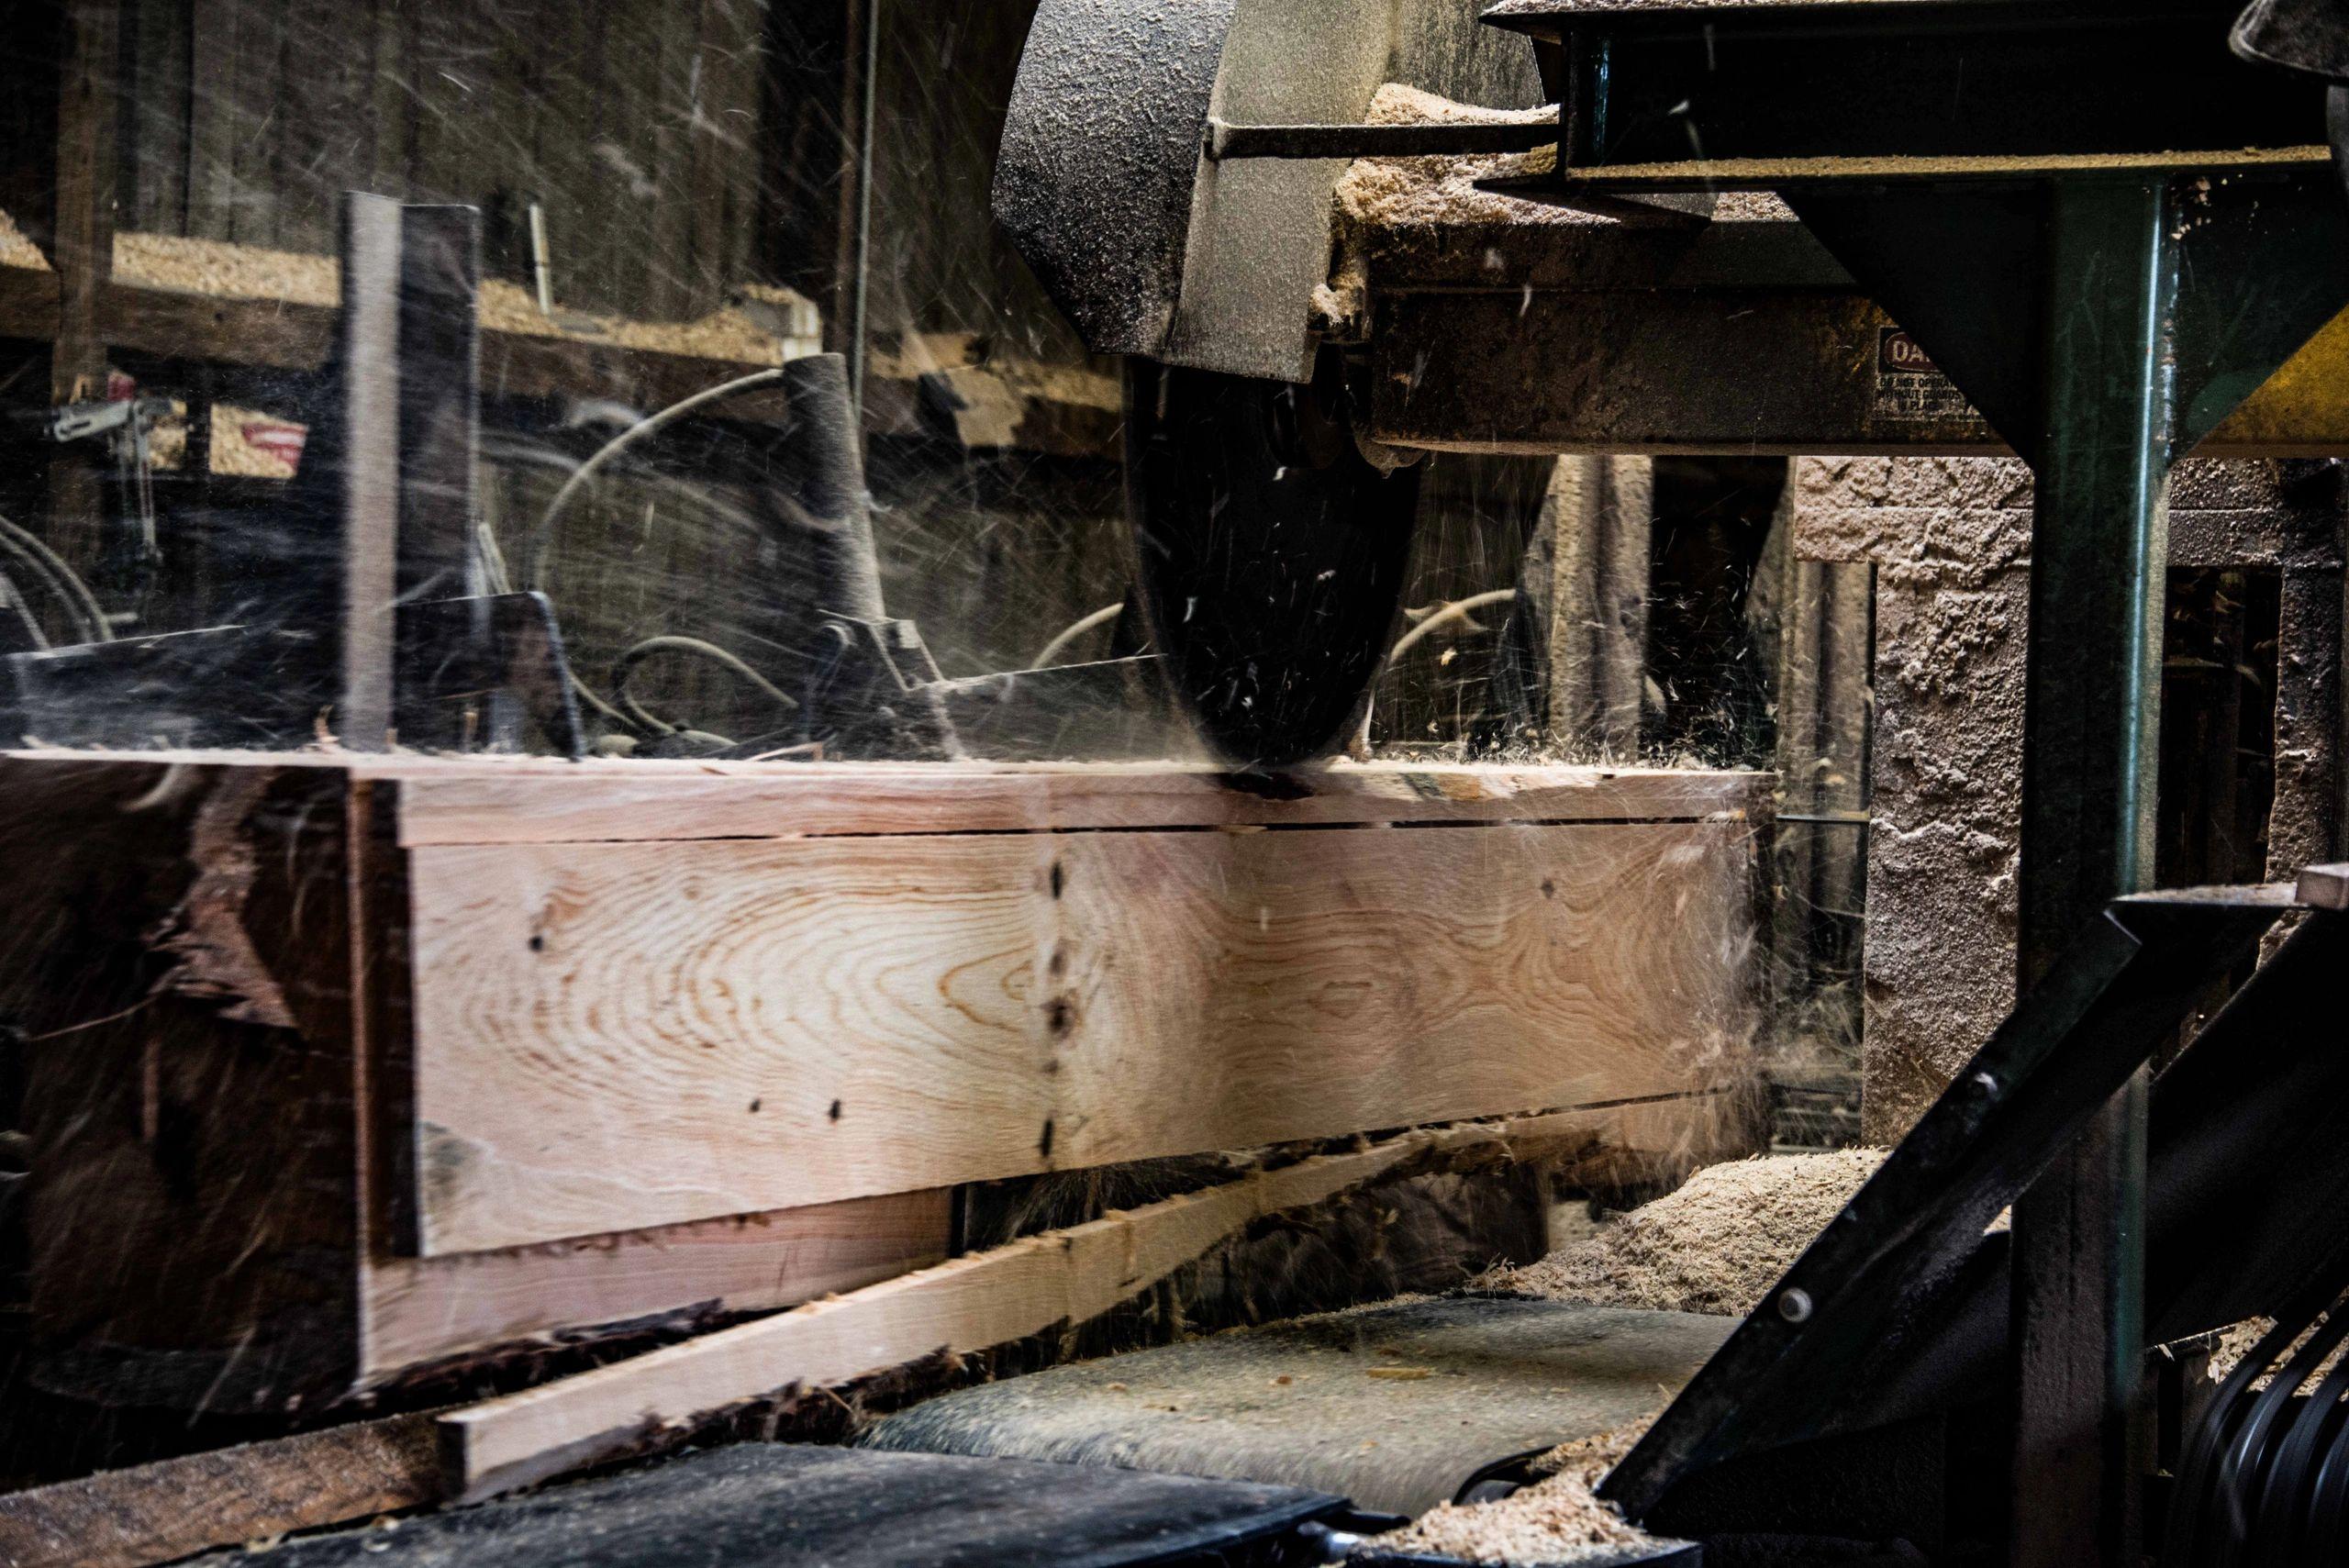 Gurneys Saw Mill Inc - Sawmill, Lumber, Wood